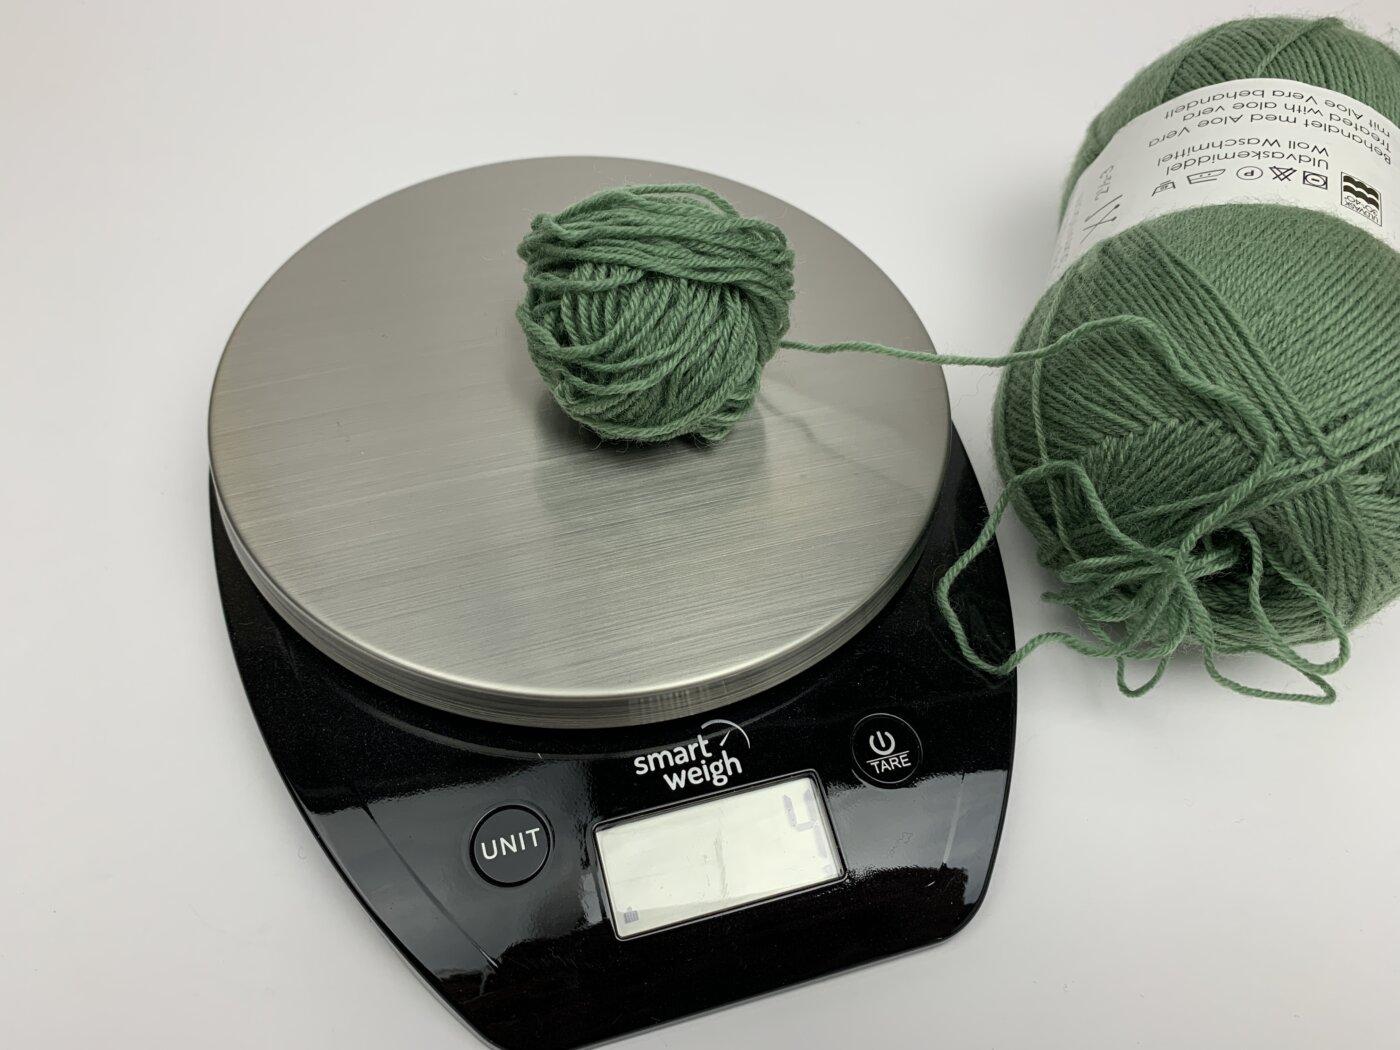 Socken in großen Größen stricken - Garn aufteilen